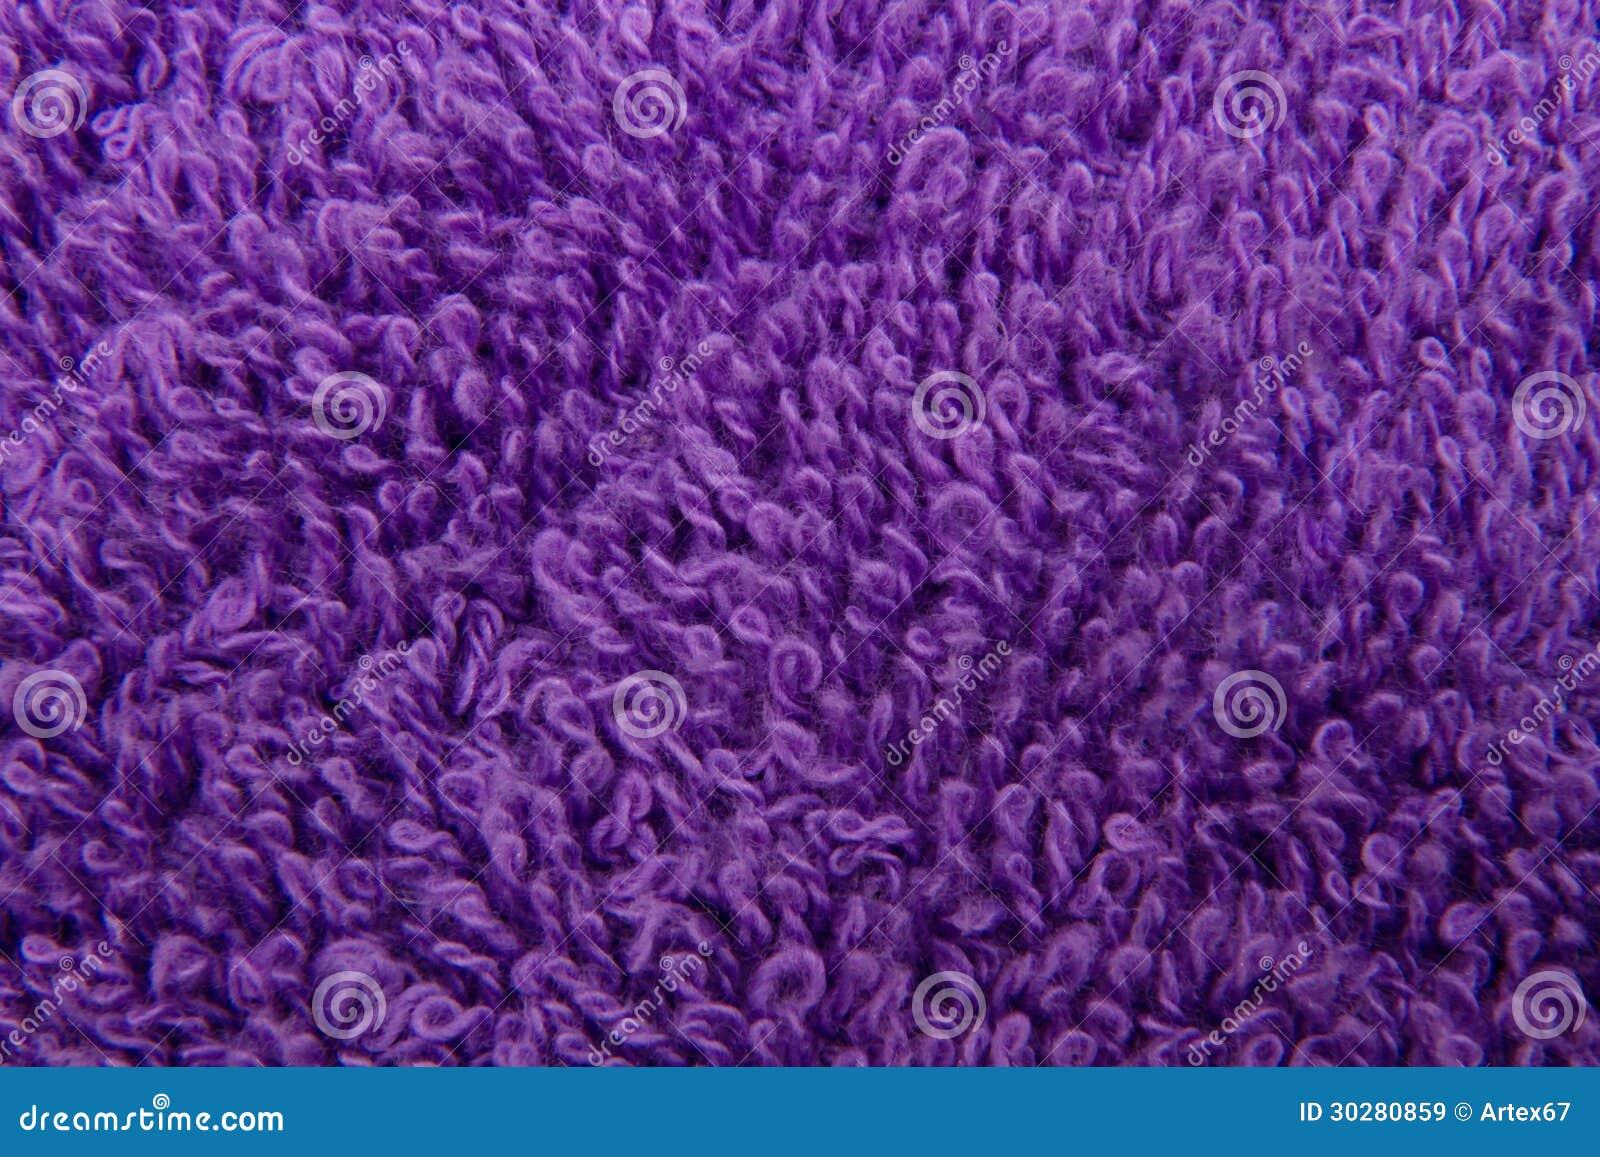 图象背景紫色毛巾纹理特写镜头